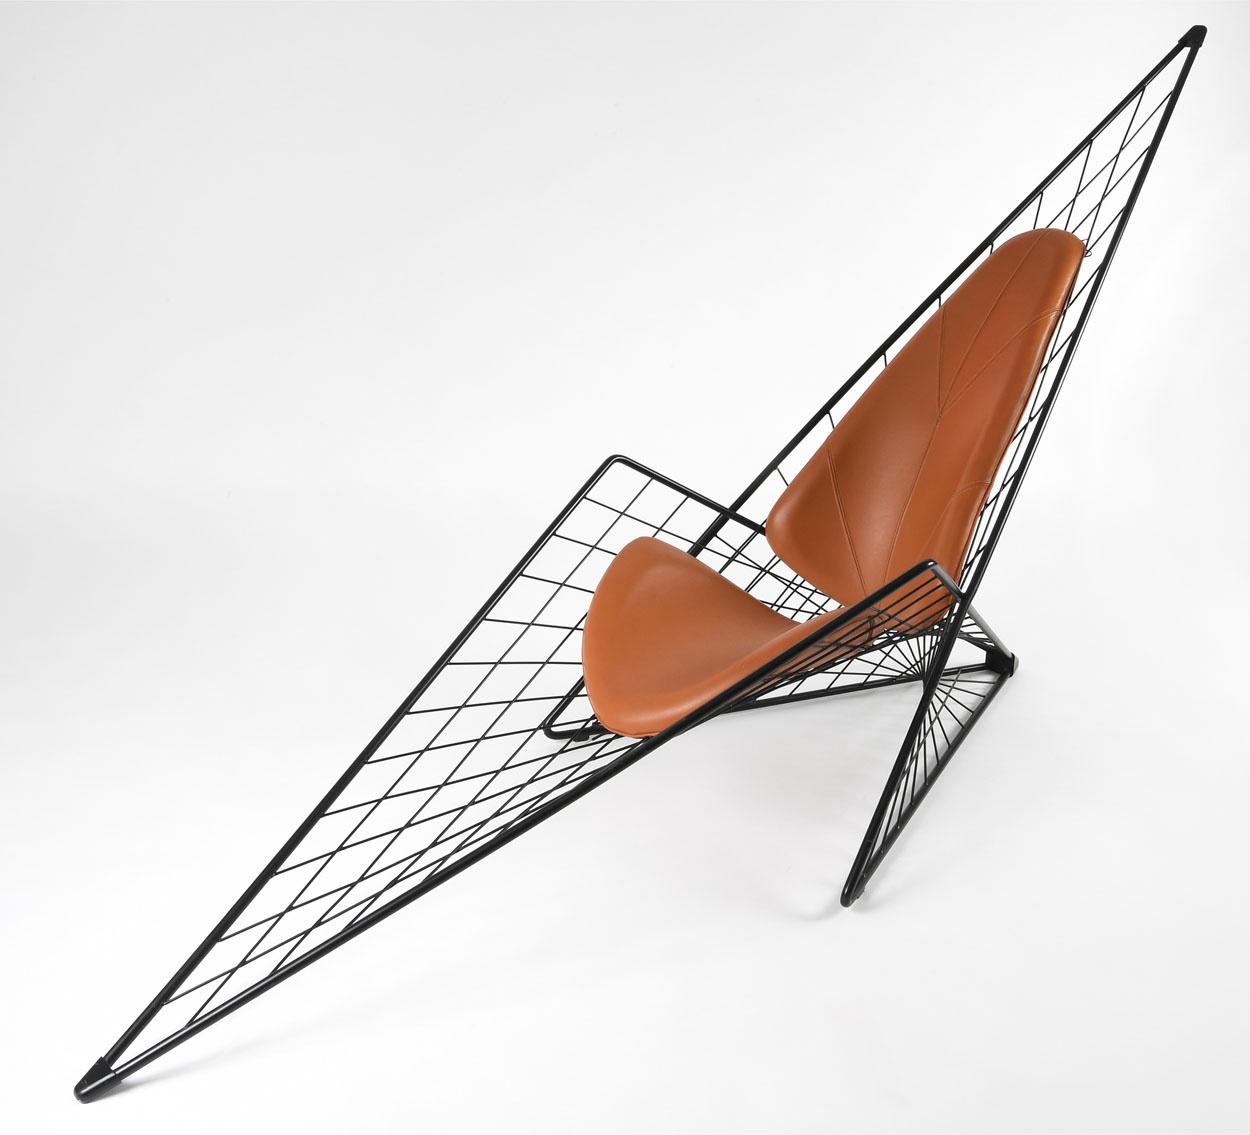 Isabelle Serre, chaise longue, 1983 avec l'aimable autorisation du Mobilier national © Collection du Mobilier national-photo. Isabelle Bideau, Cité de l'architecture, Denys Vinson photographe 2019